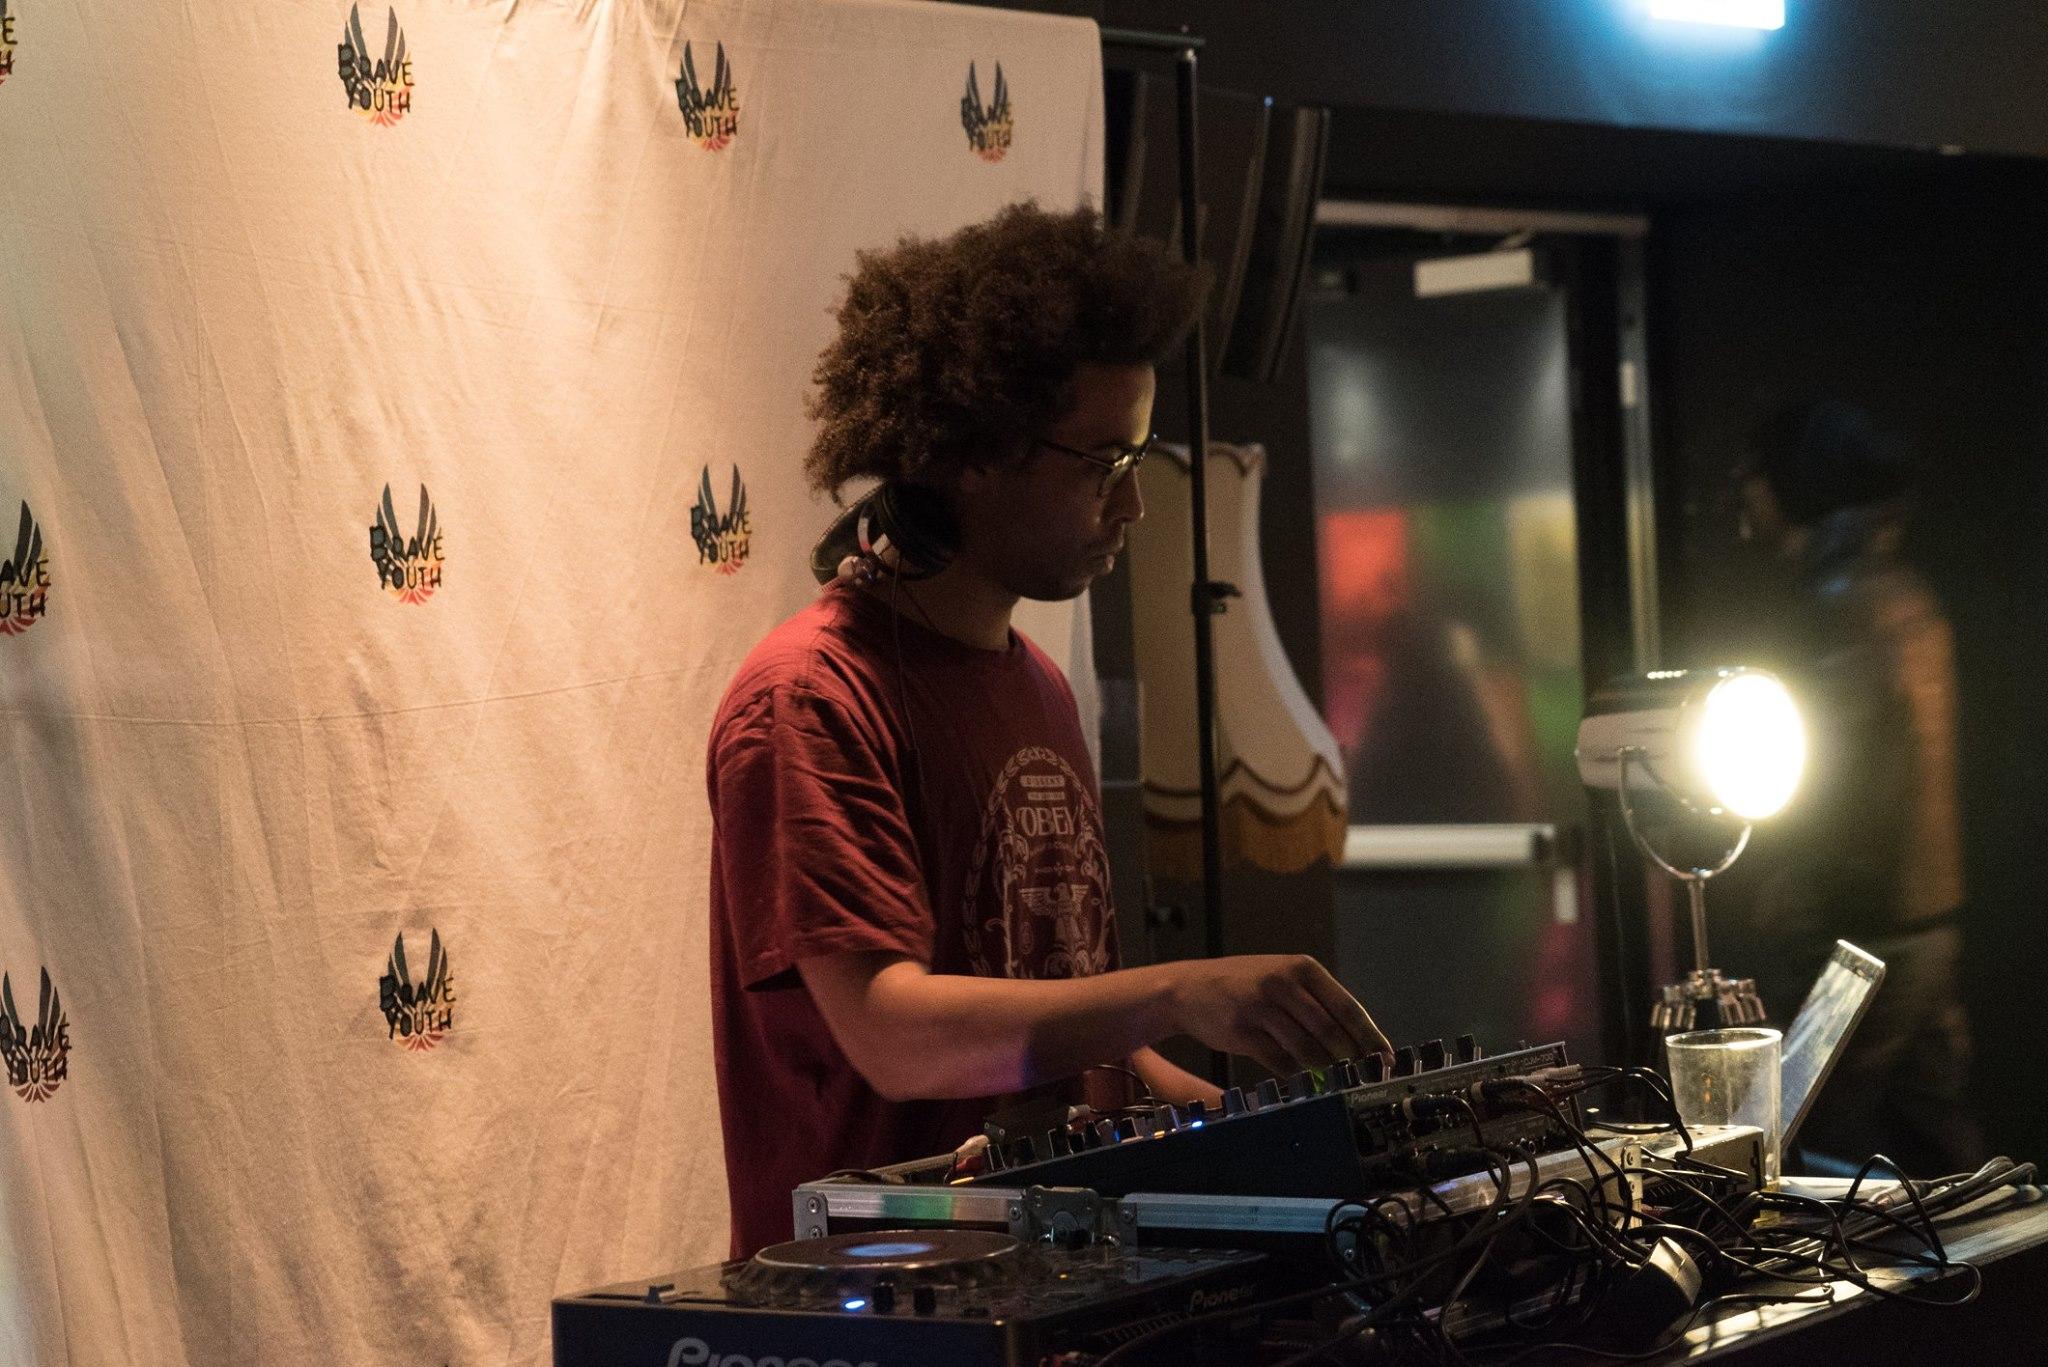 Cidade de Deus • DJ  Teddy, p hoto by  Tiffany Matos